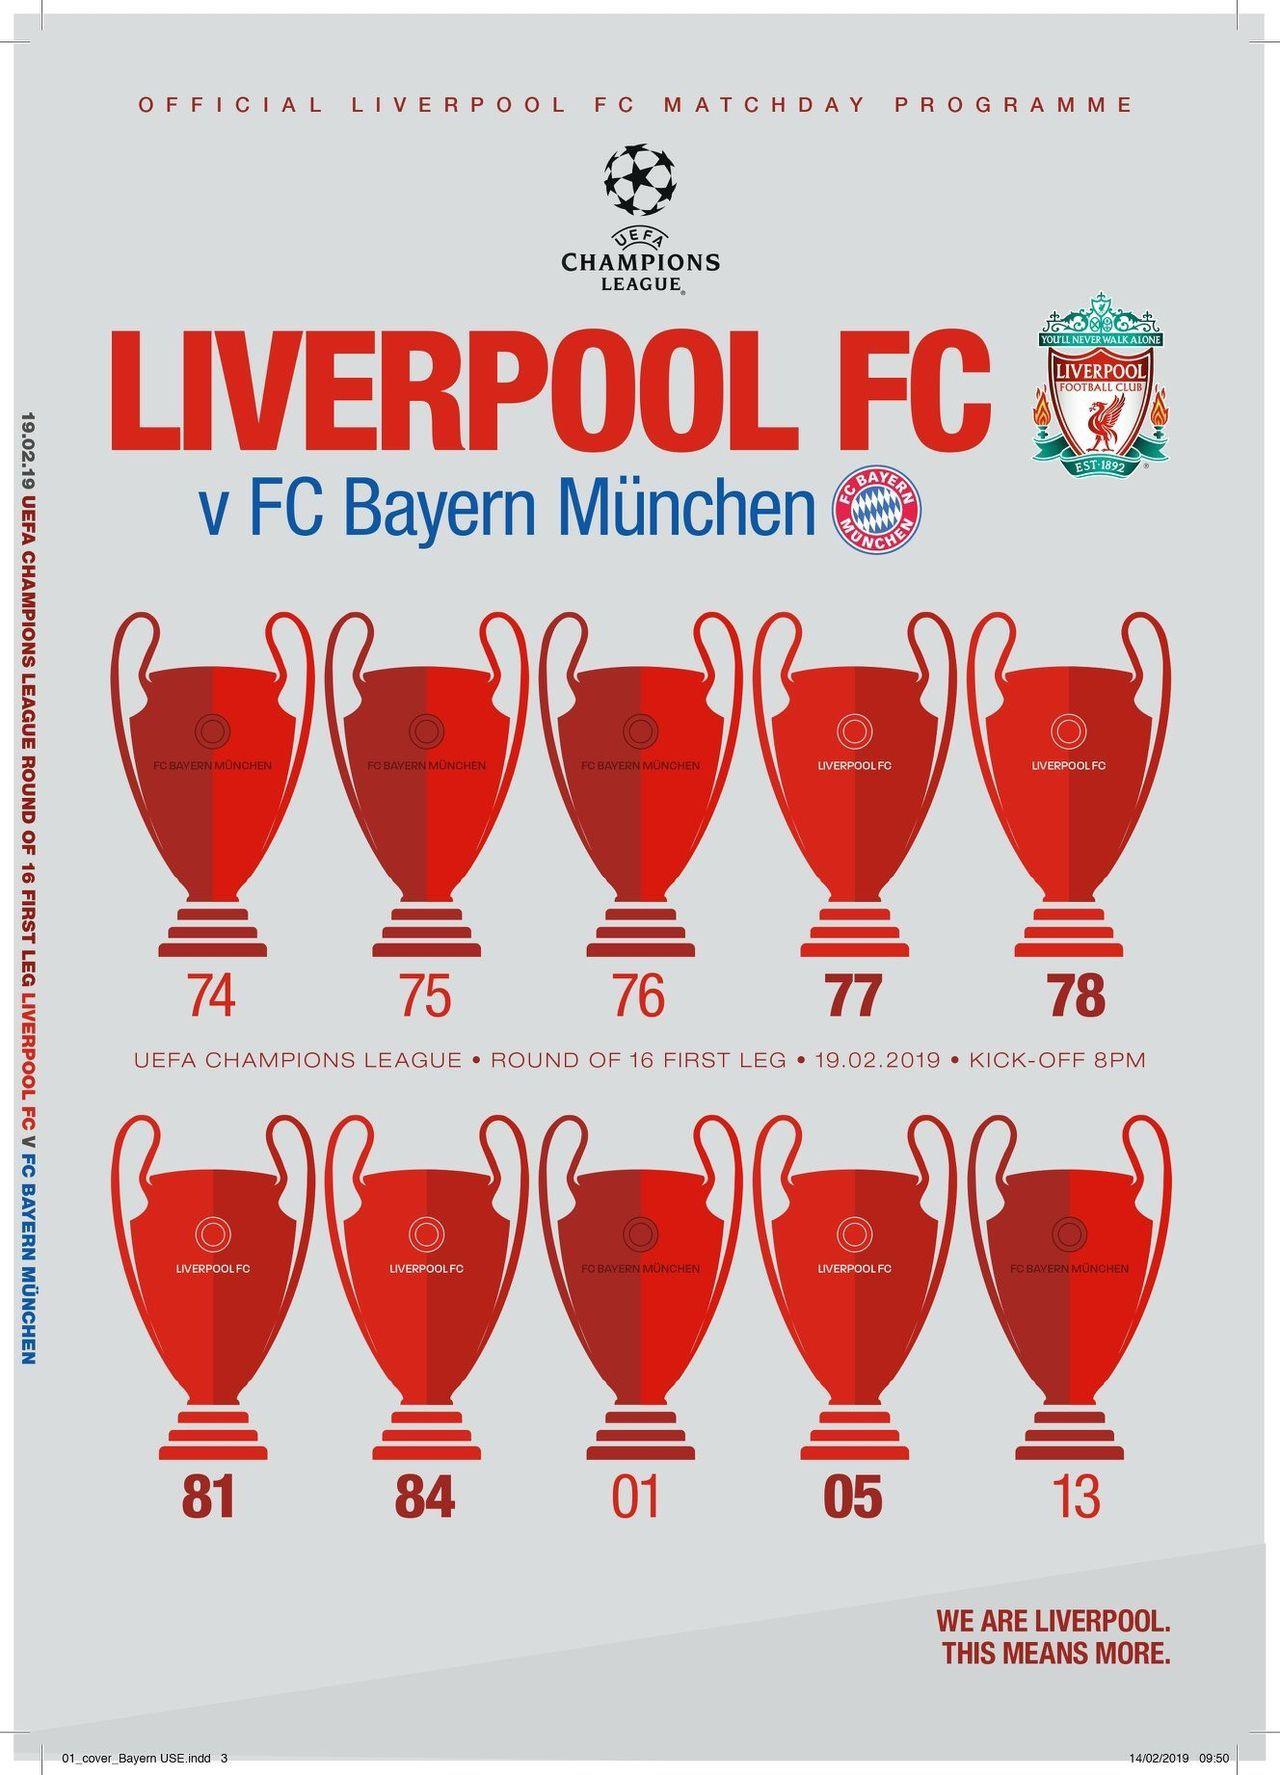 Програмката за мача, изготвена от Ливърпул - с по пет европейски купи на шампионите за двата клуба.